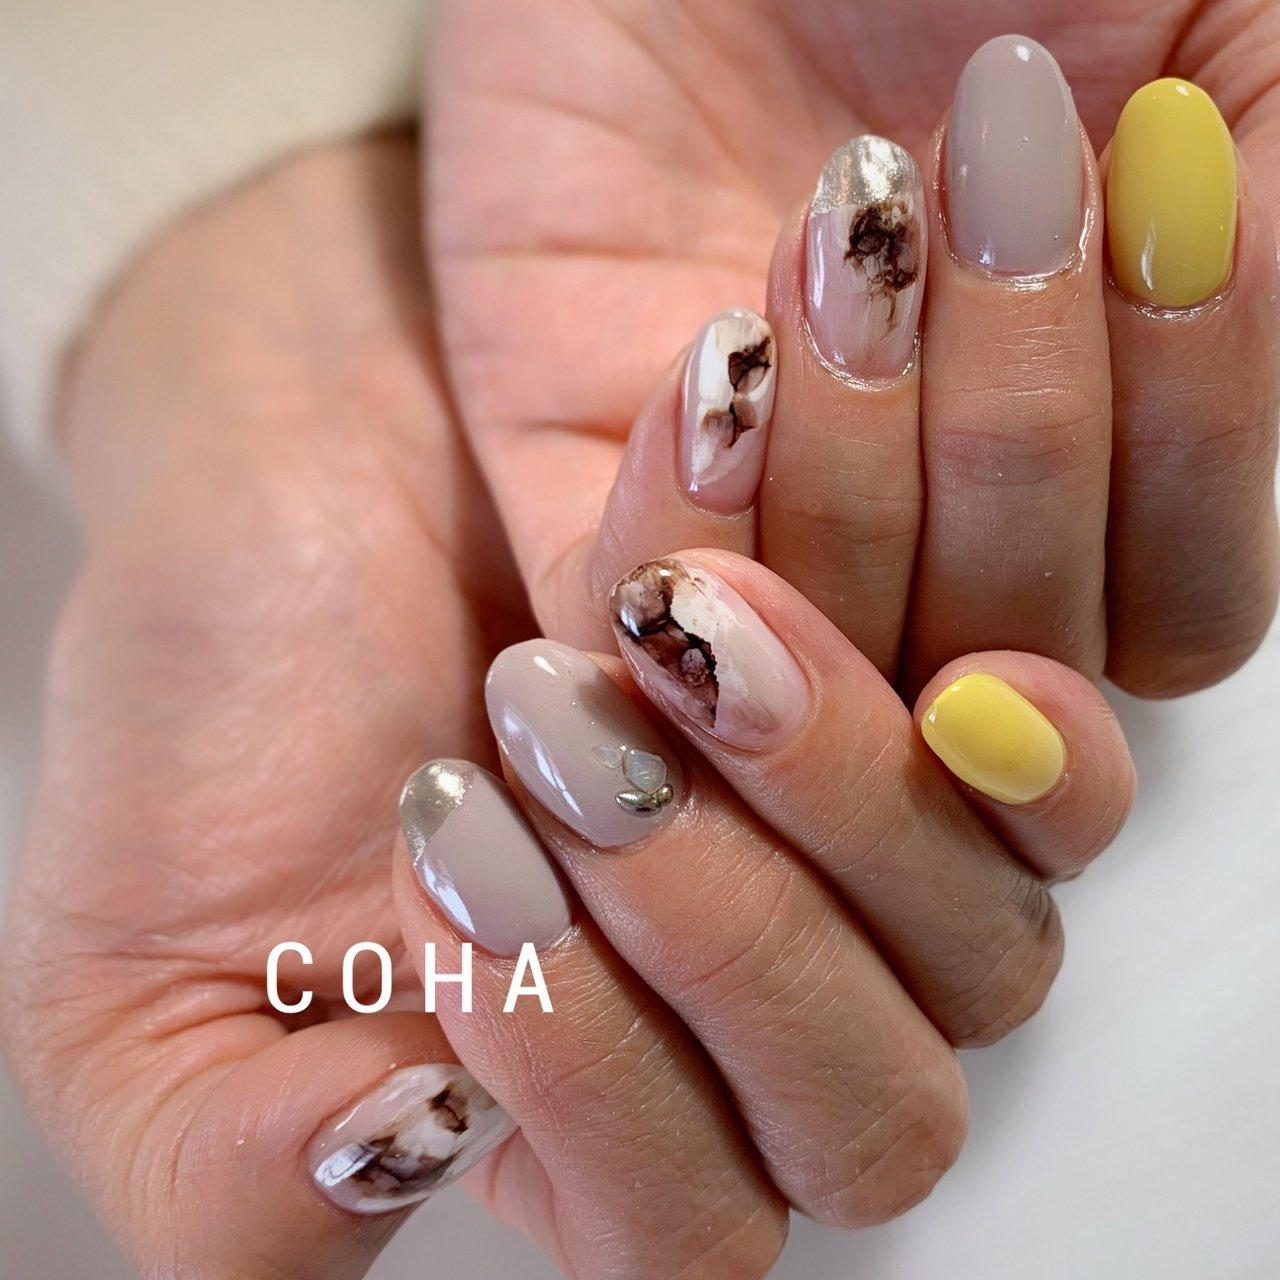 #ニュアンス #ジェル #COHA nail and art #ネイルブック